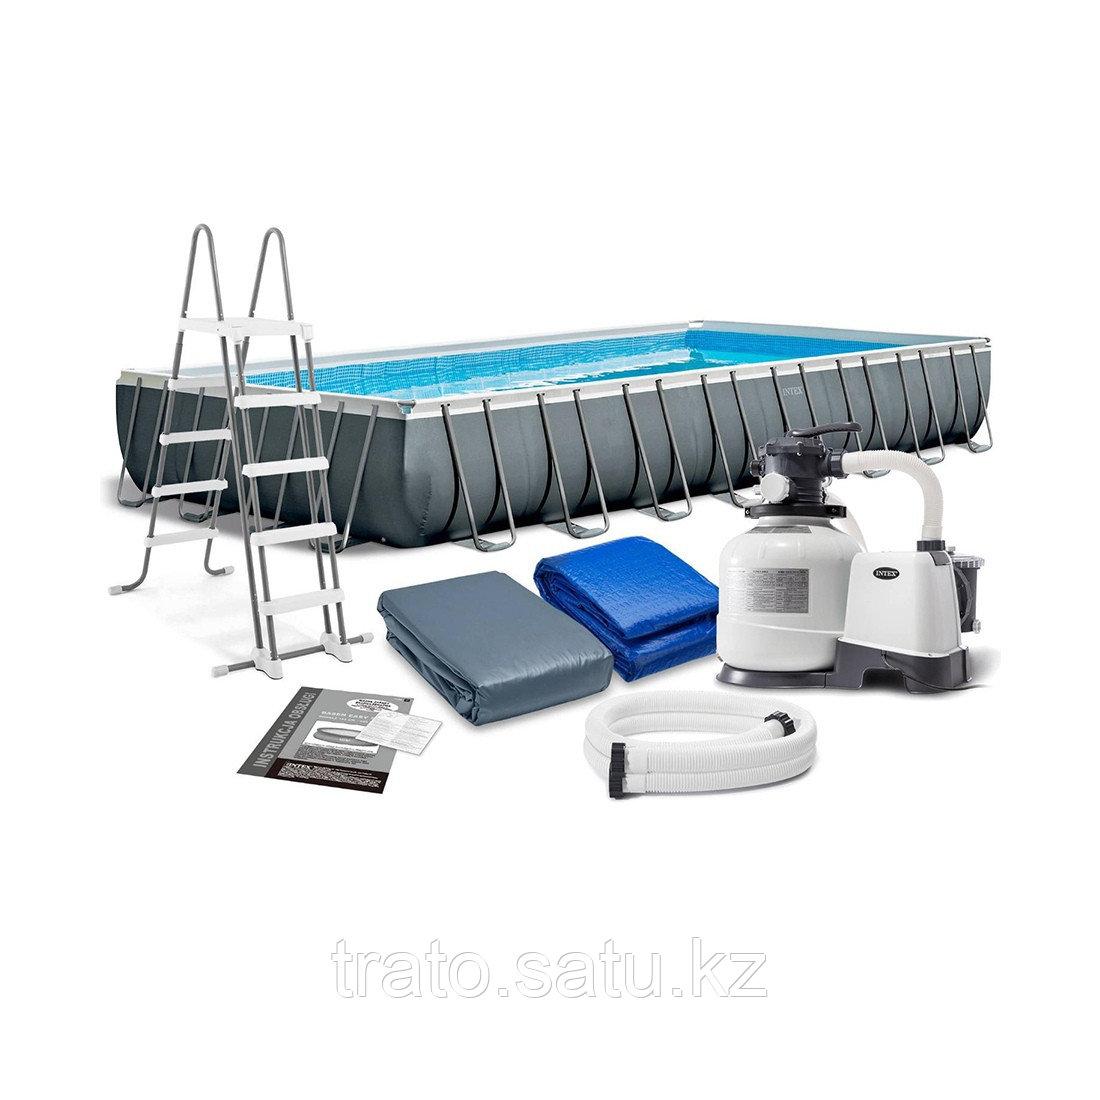 Каркасный бассейн Ultra XTR Frame 975 х 488 x 132 см, 54368 л, Песочный ф-насос 10599л/ч